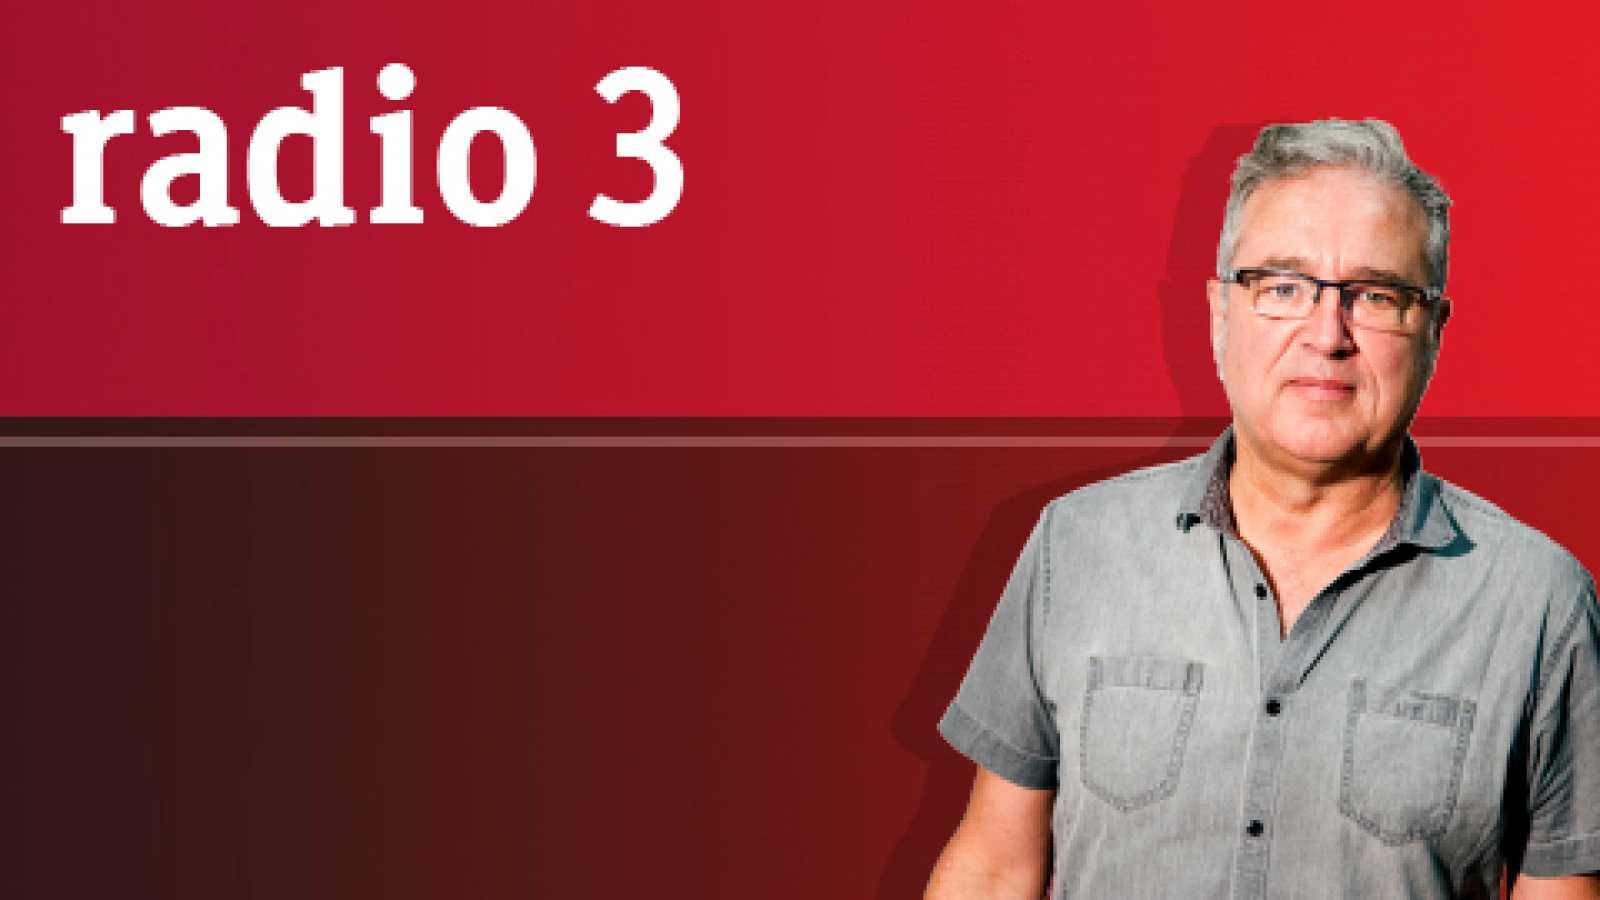 Tarataña - Del Aitzina Folk, a lo nuevo de Guadi Galego y Korrontzi con Xabier Amuriza - 06/12/20 - escuchar ahora